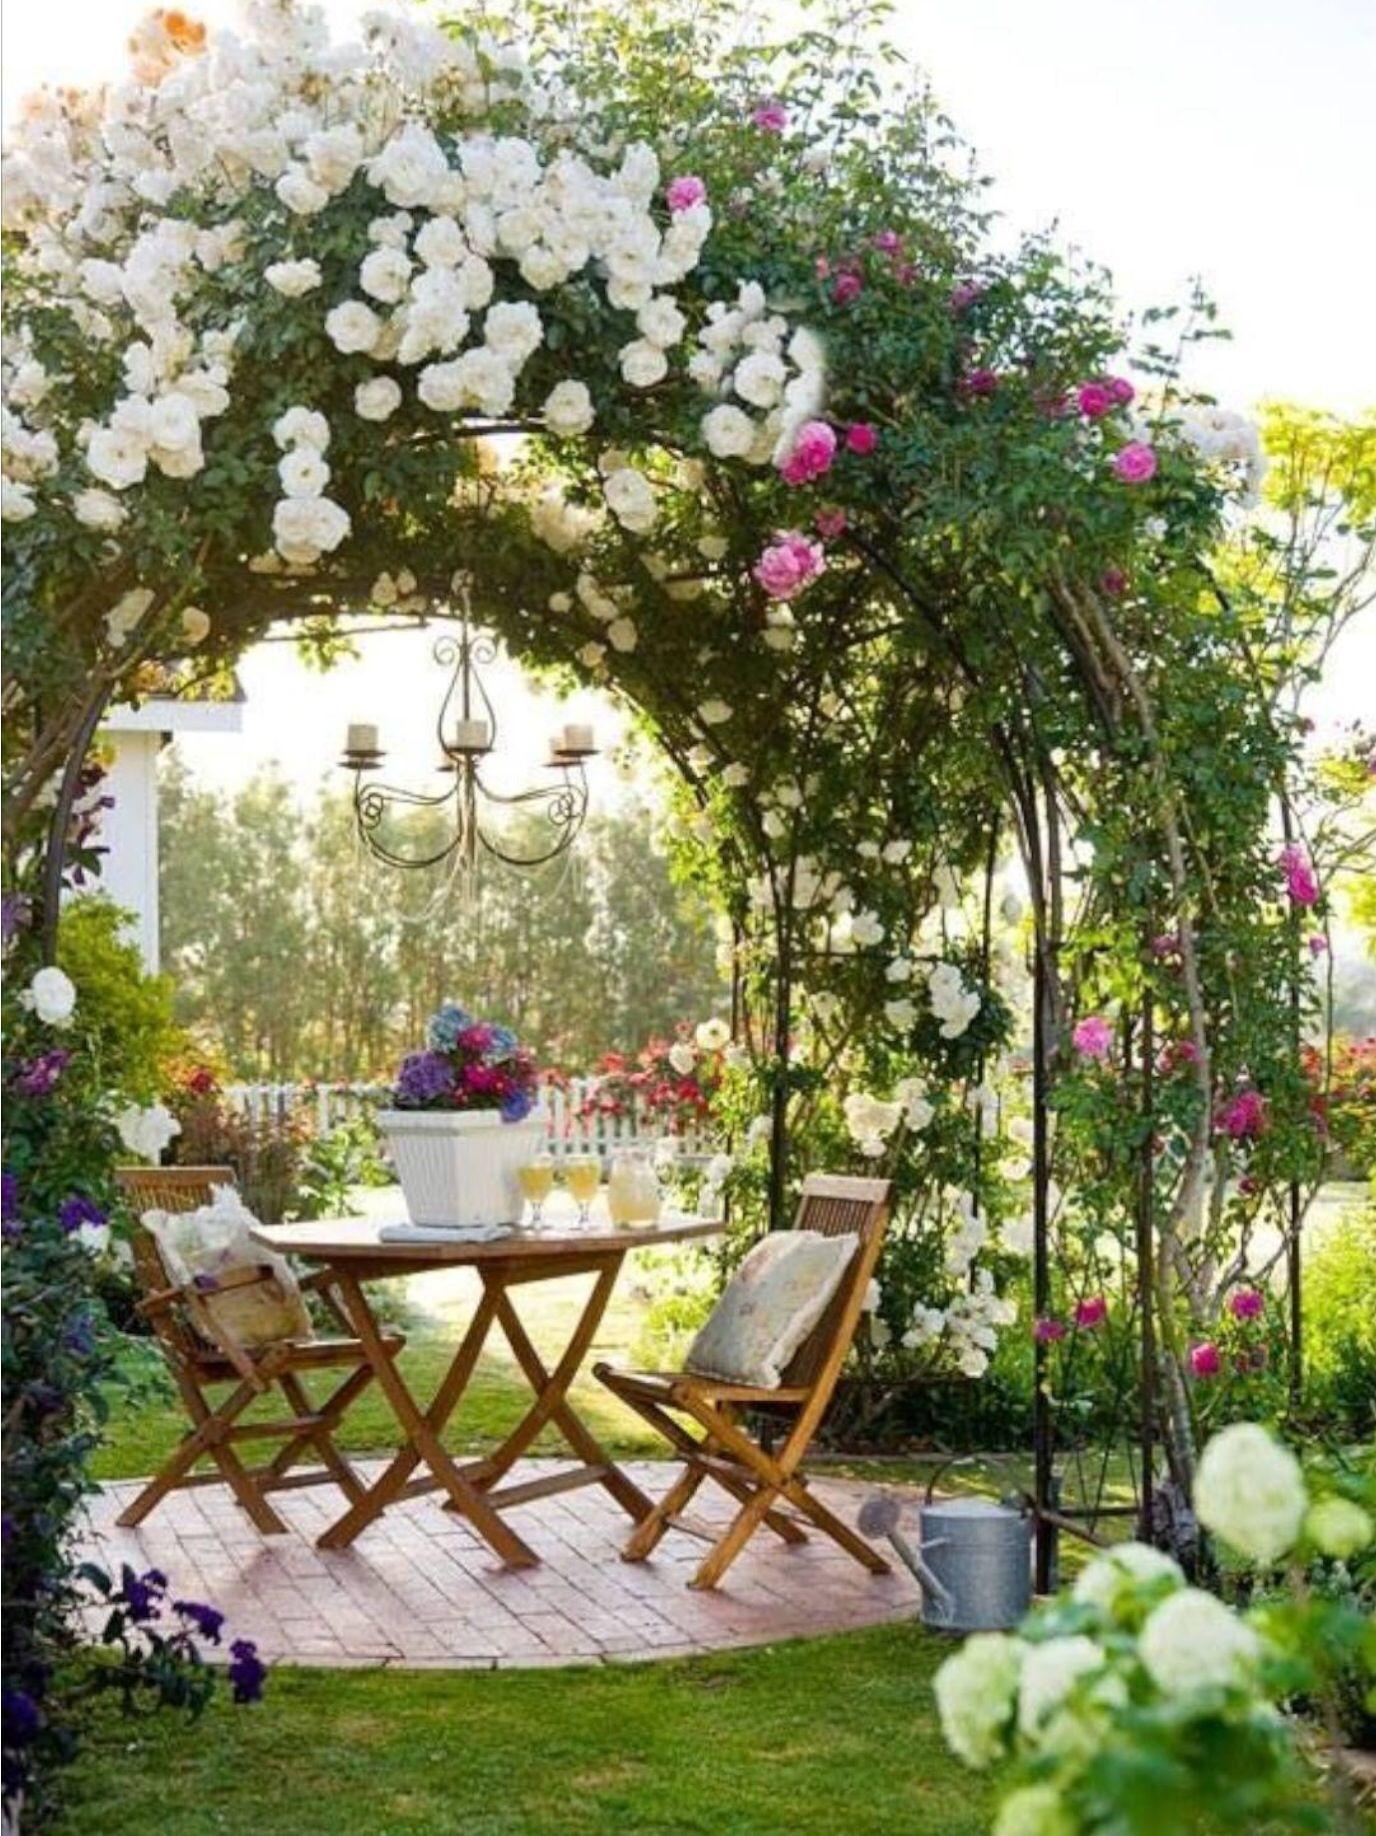 Home Garden Colazione In Giardino  Outdoor Garden  Pinterest  Gardens